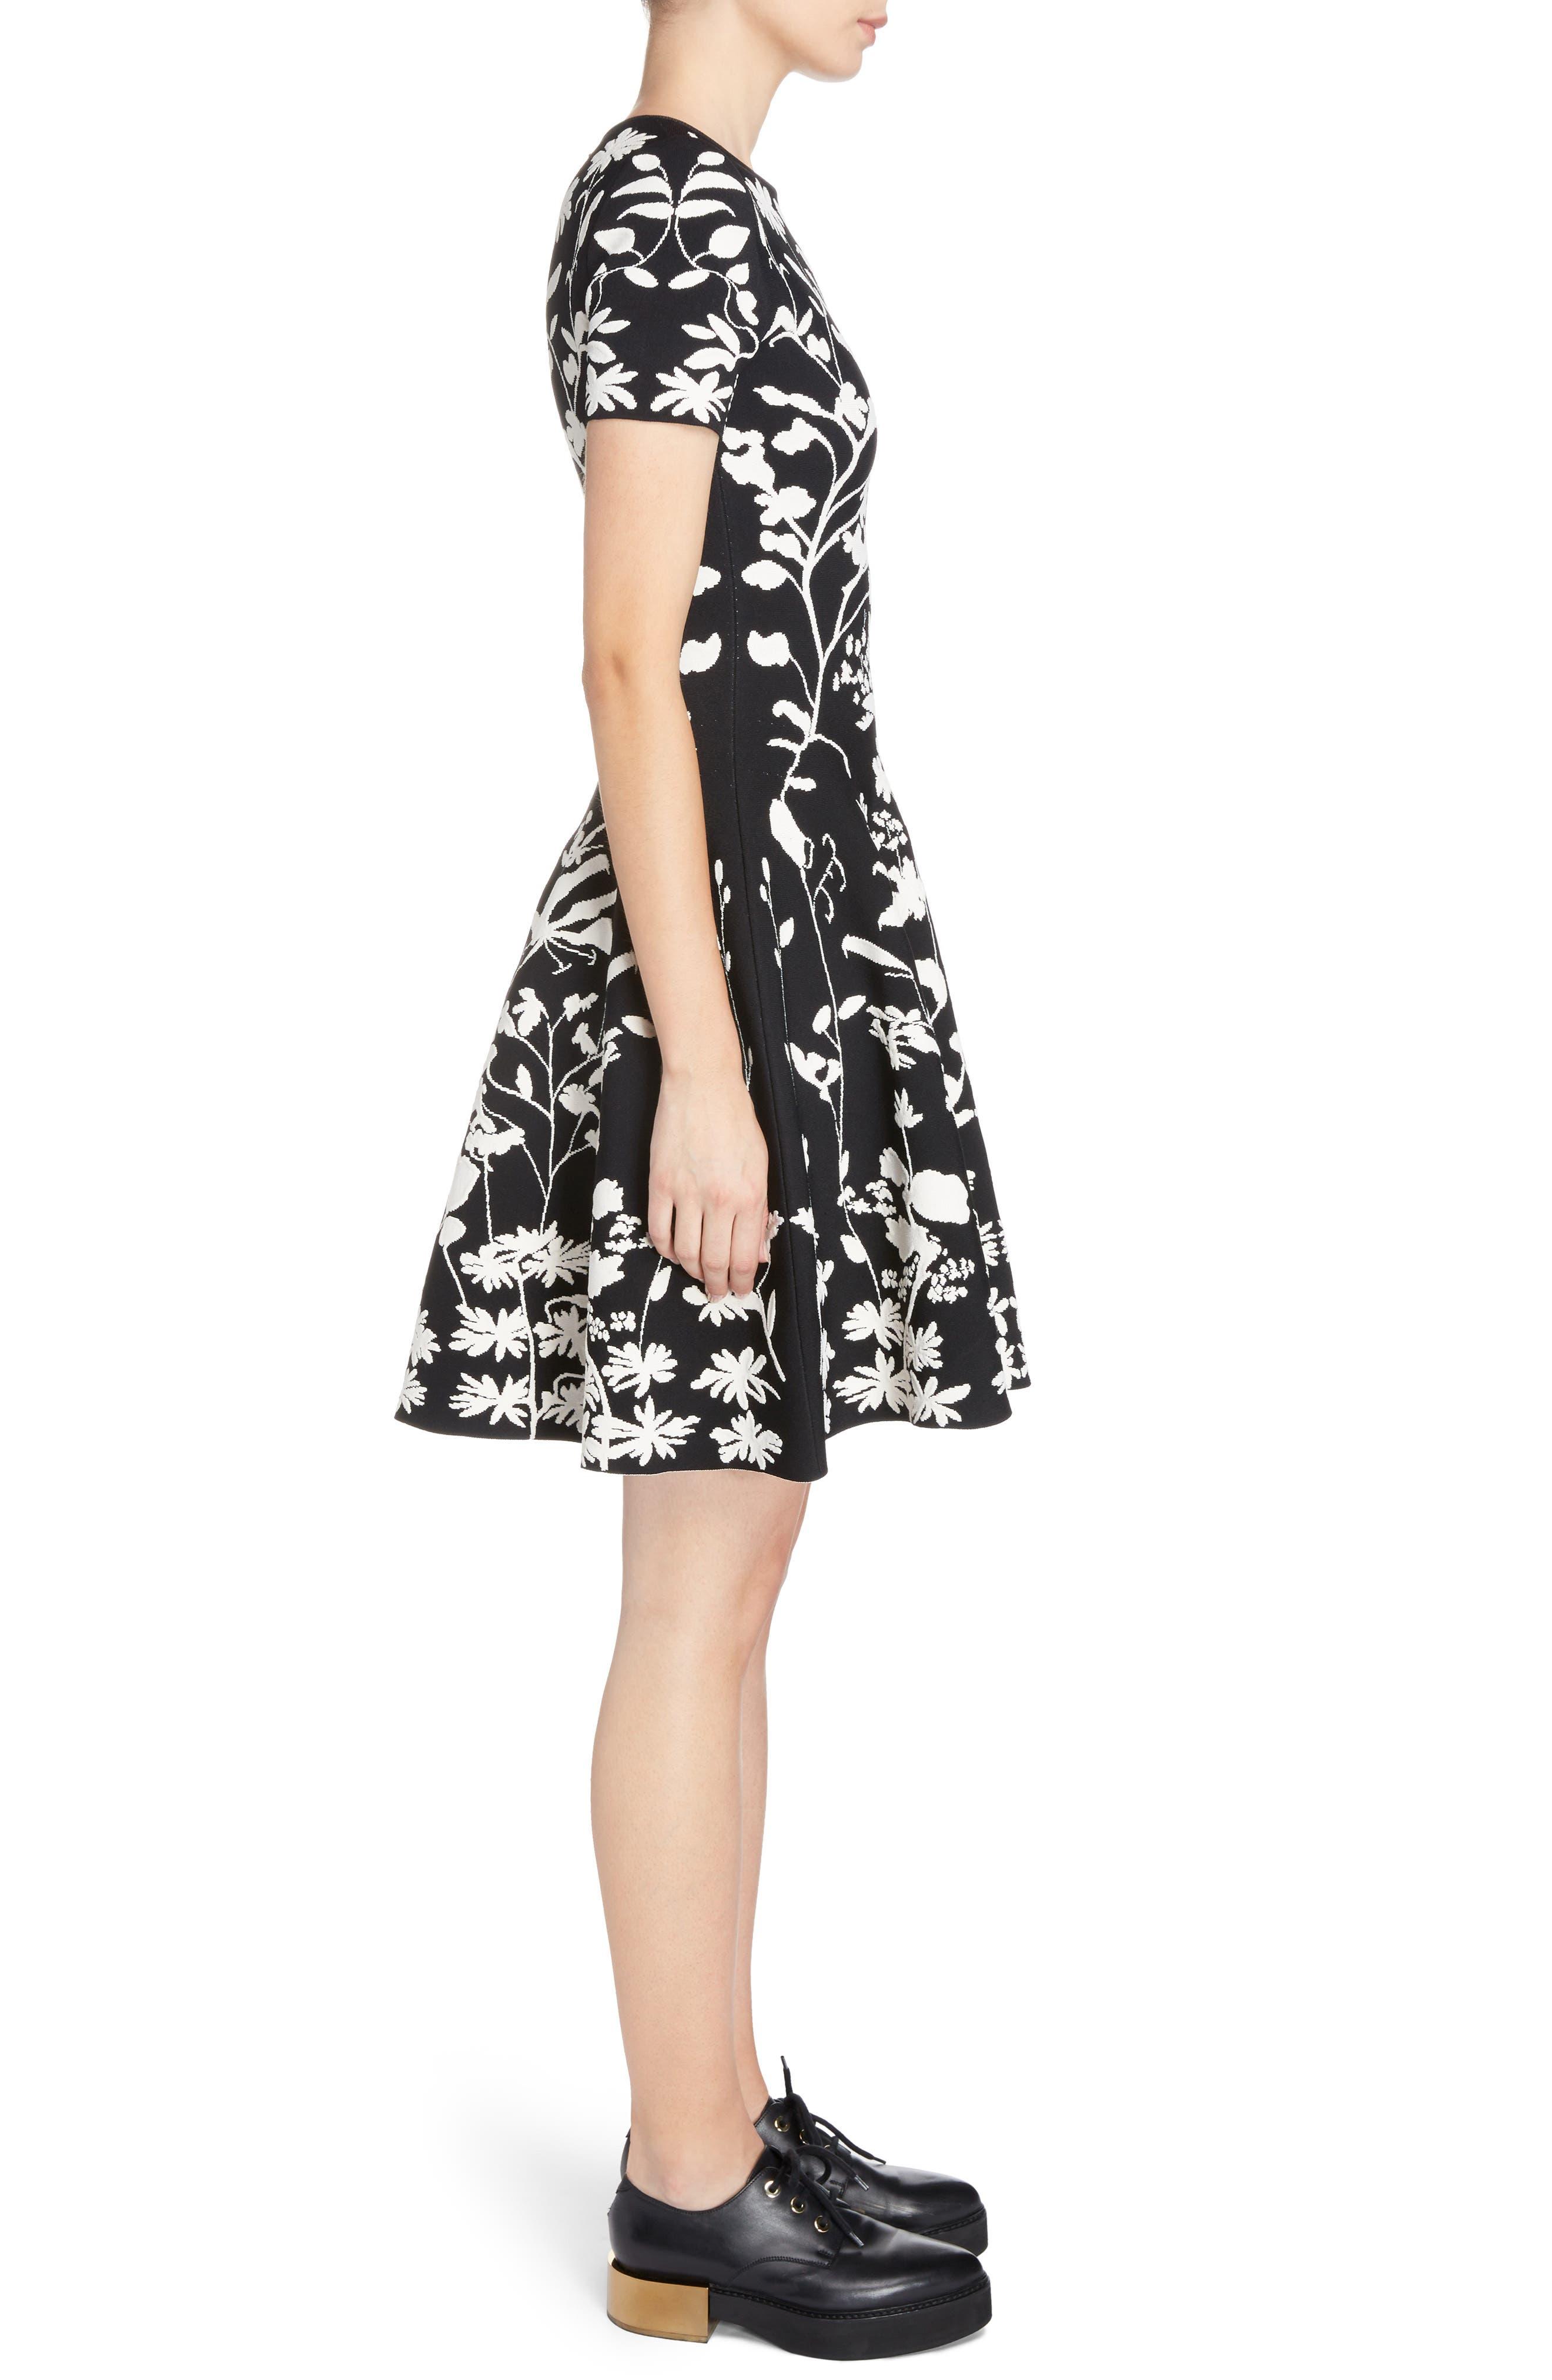 Botanical Jacquard Knit Flounce Dress,                             Alternate thumbnail 3, color,                             Black/ Ivory